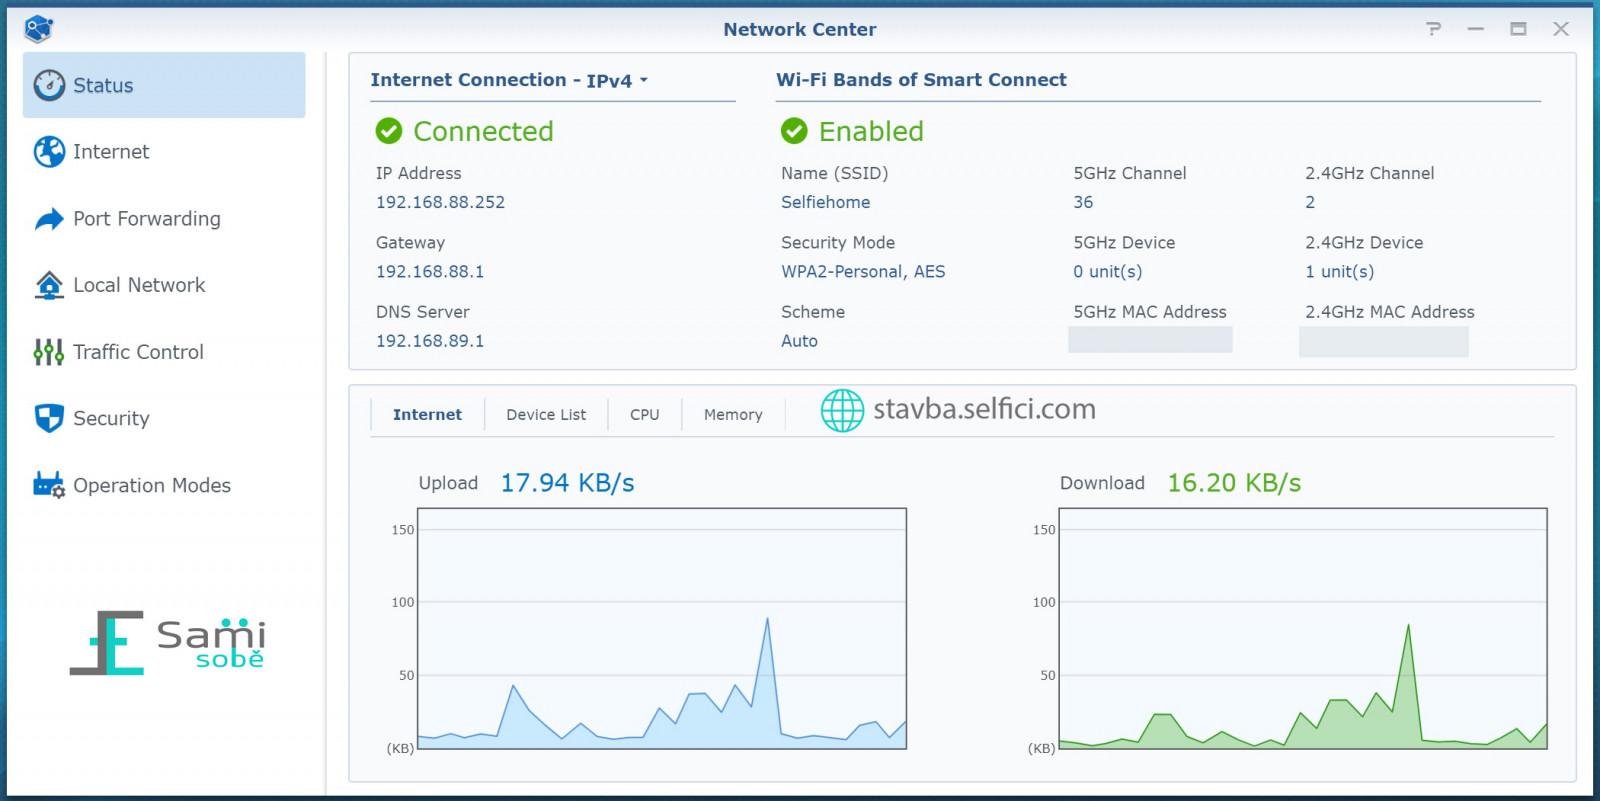 Konfigurace routeru Synology RT2600ac